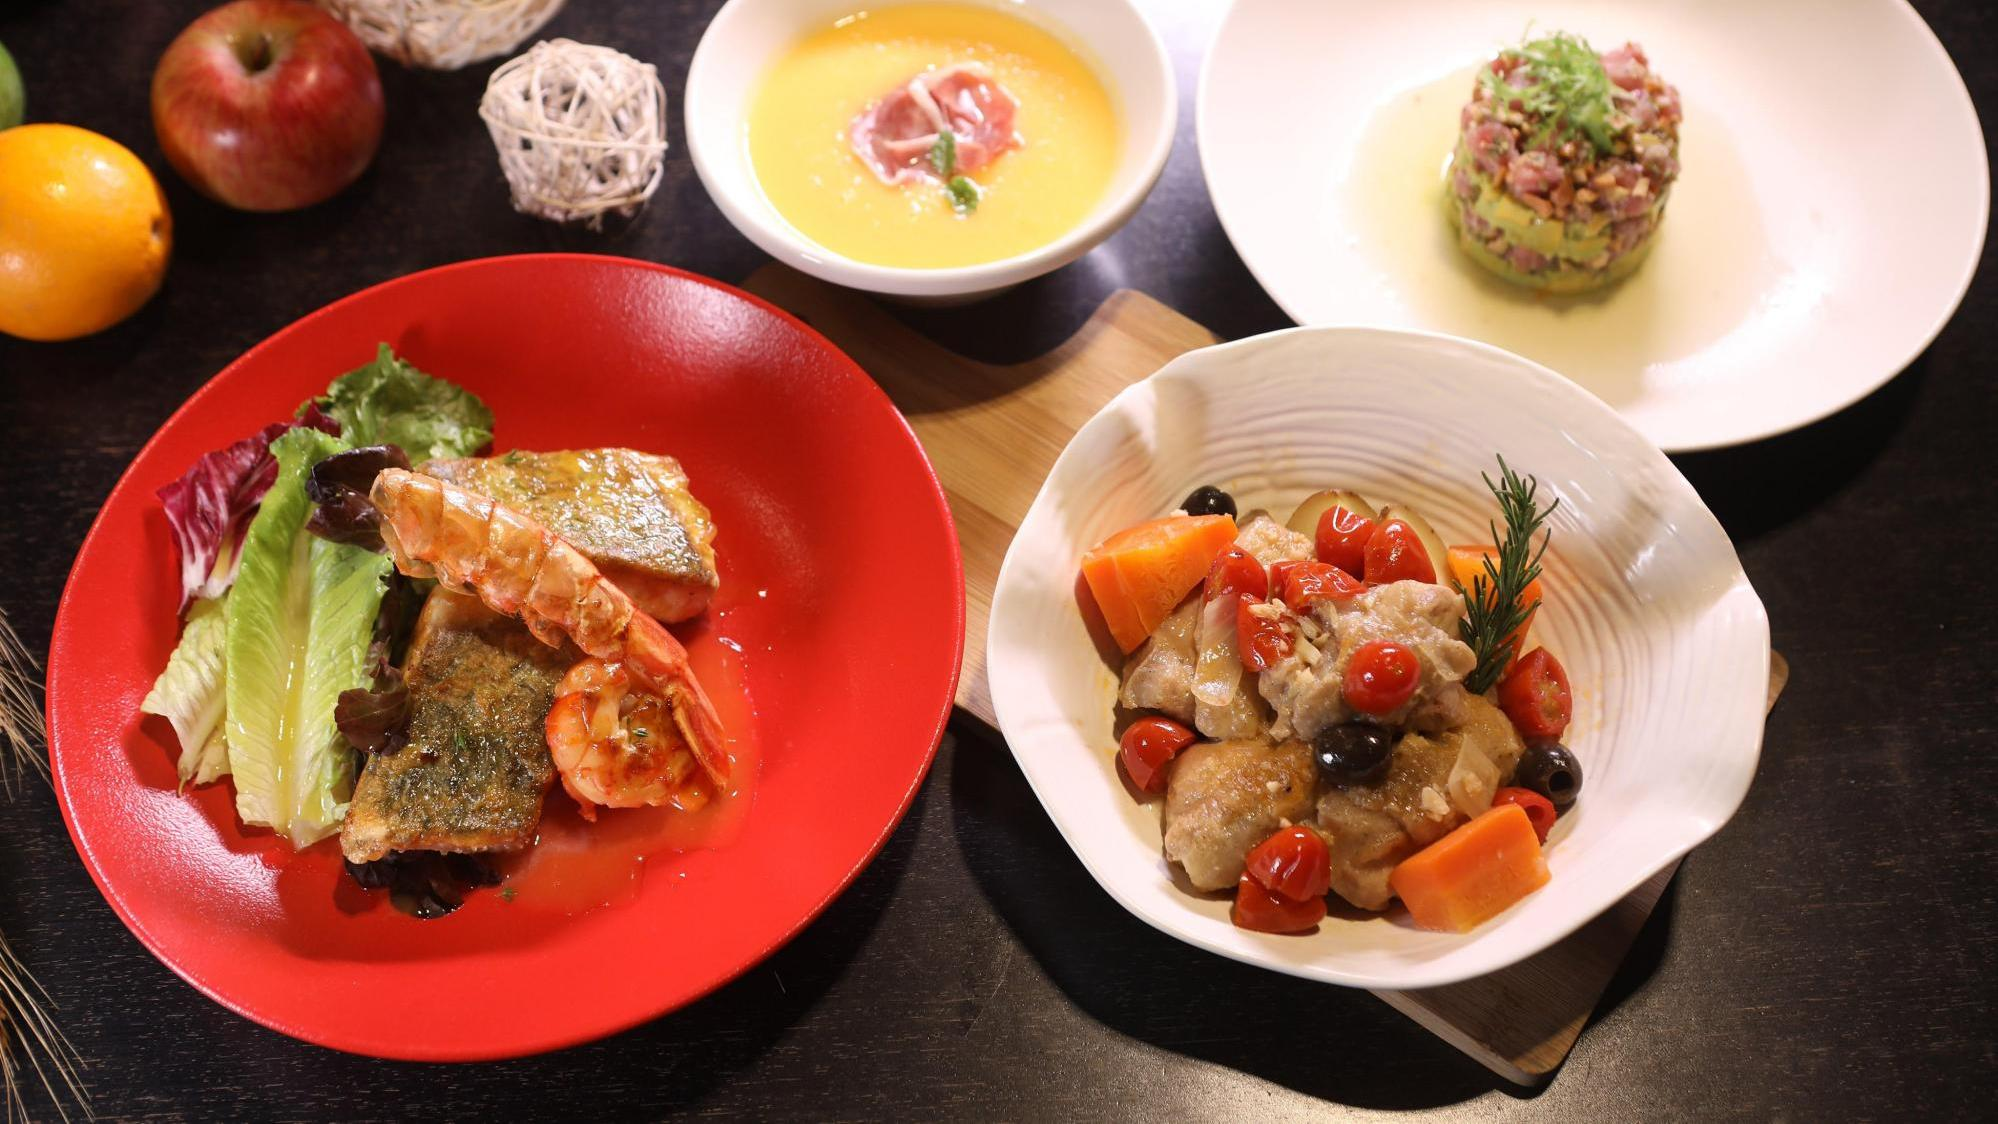 名厨三菜一汤|宴客蔬果大餐有面子,鲔鱼塔塔、哈密瓜冷汤挑动味蕾